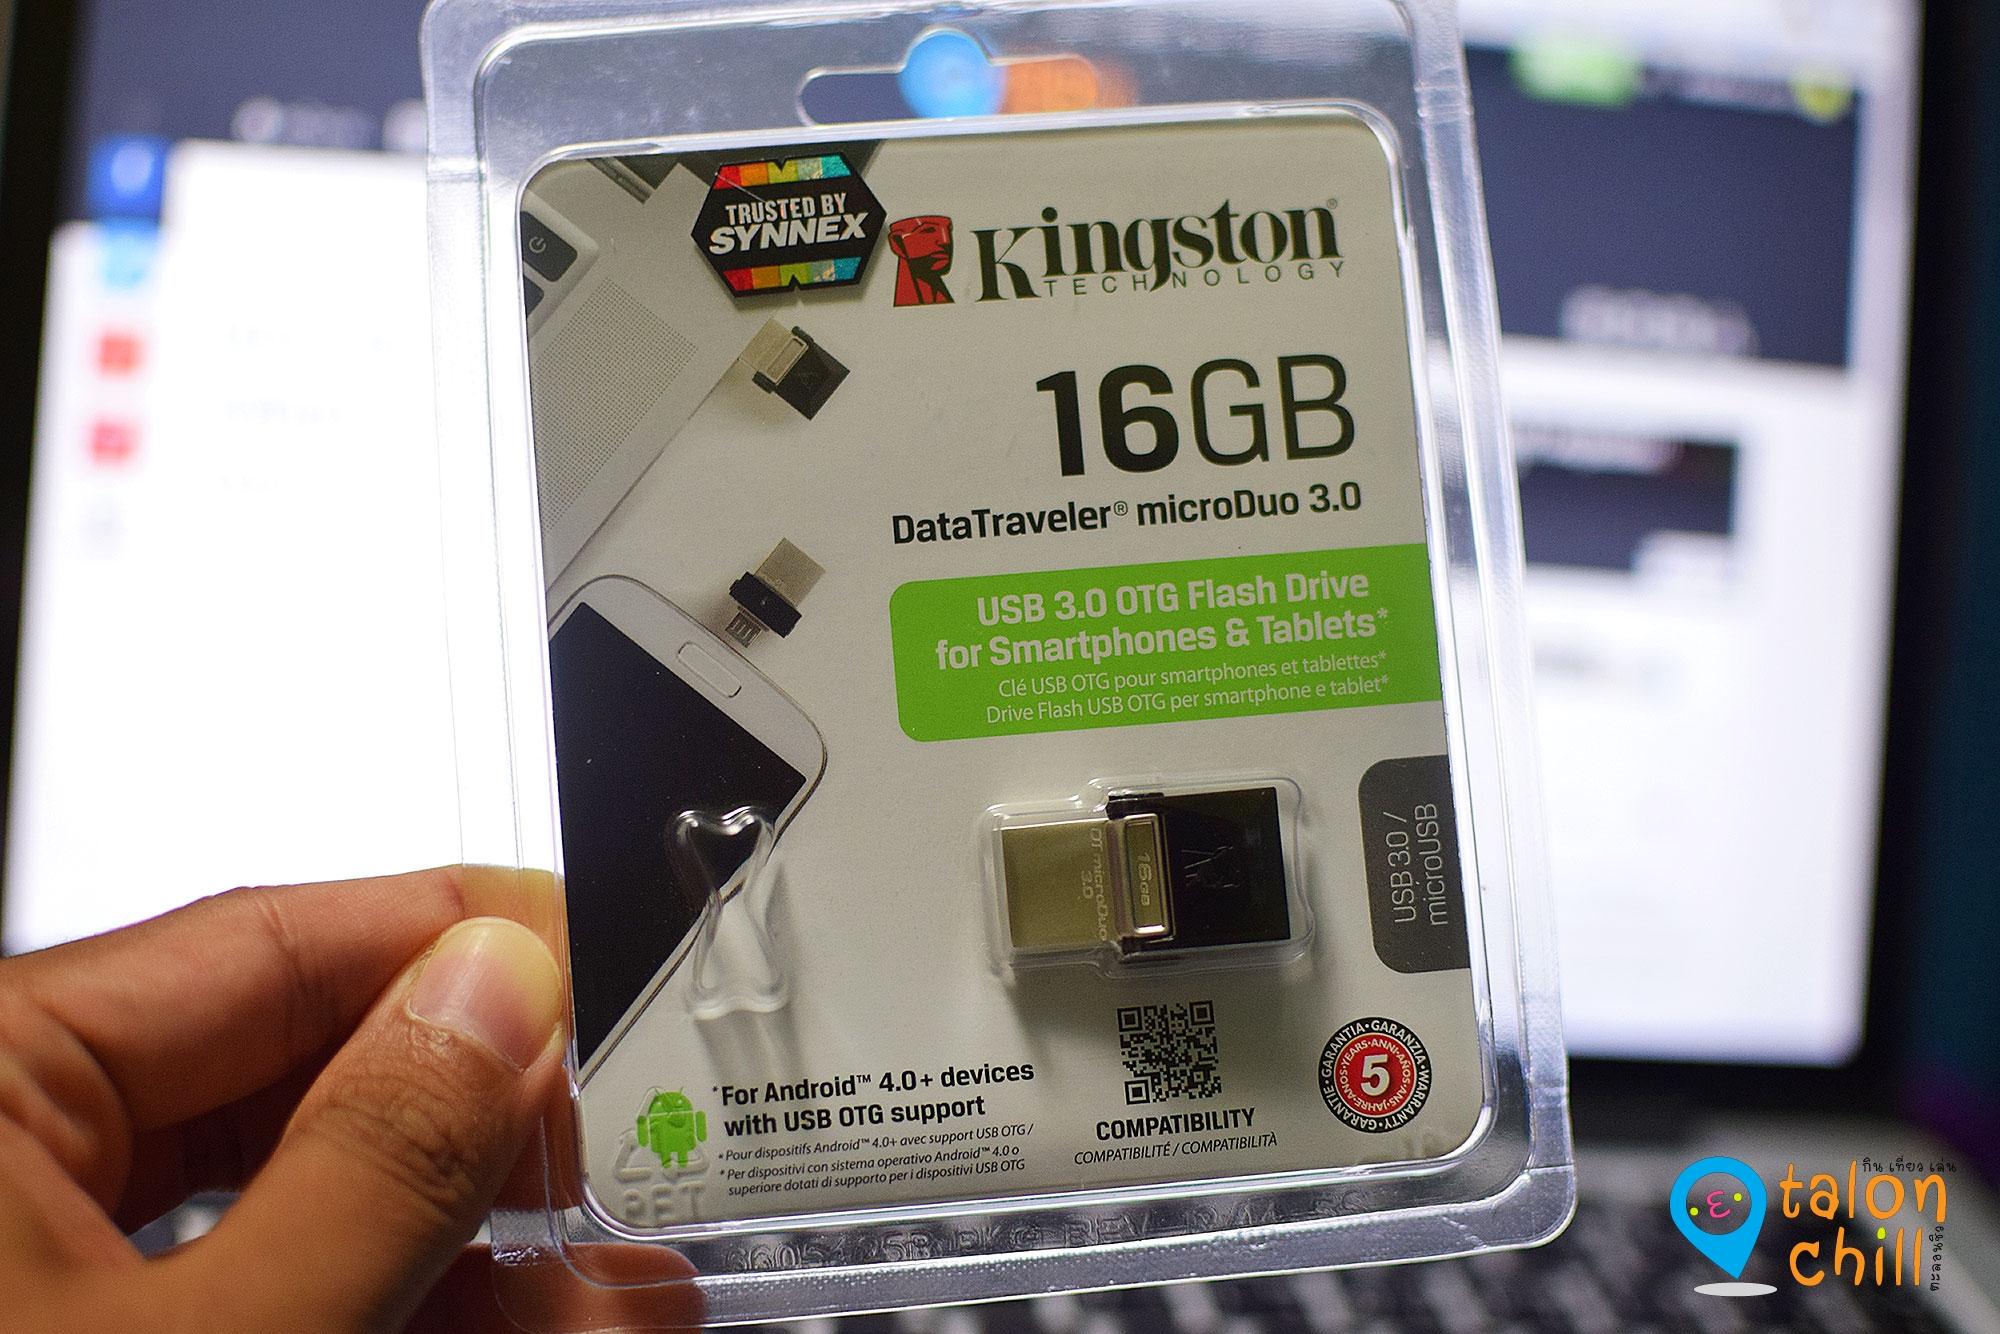 [แกะกล่องรีวิว] Kingston DataTraveler microDuo 3.0 แฟลชไดร์ฟสำรองข้อมูลผ่านบนโทรศัพท์แอนดรอยด์